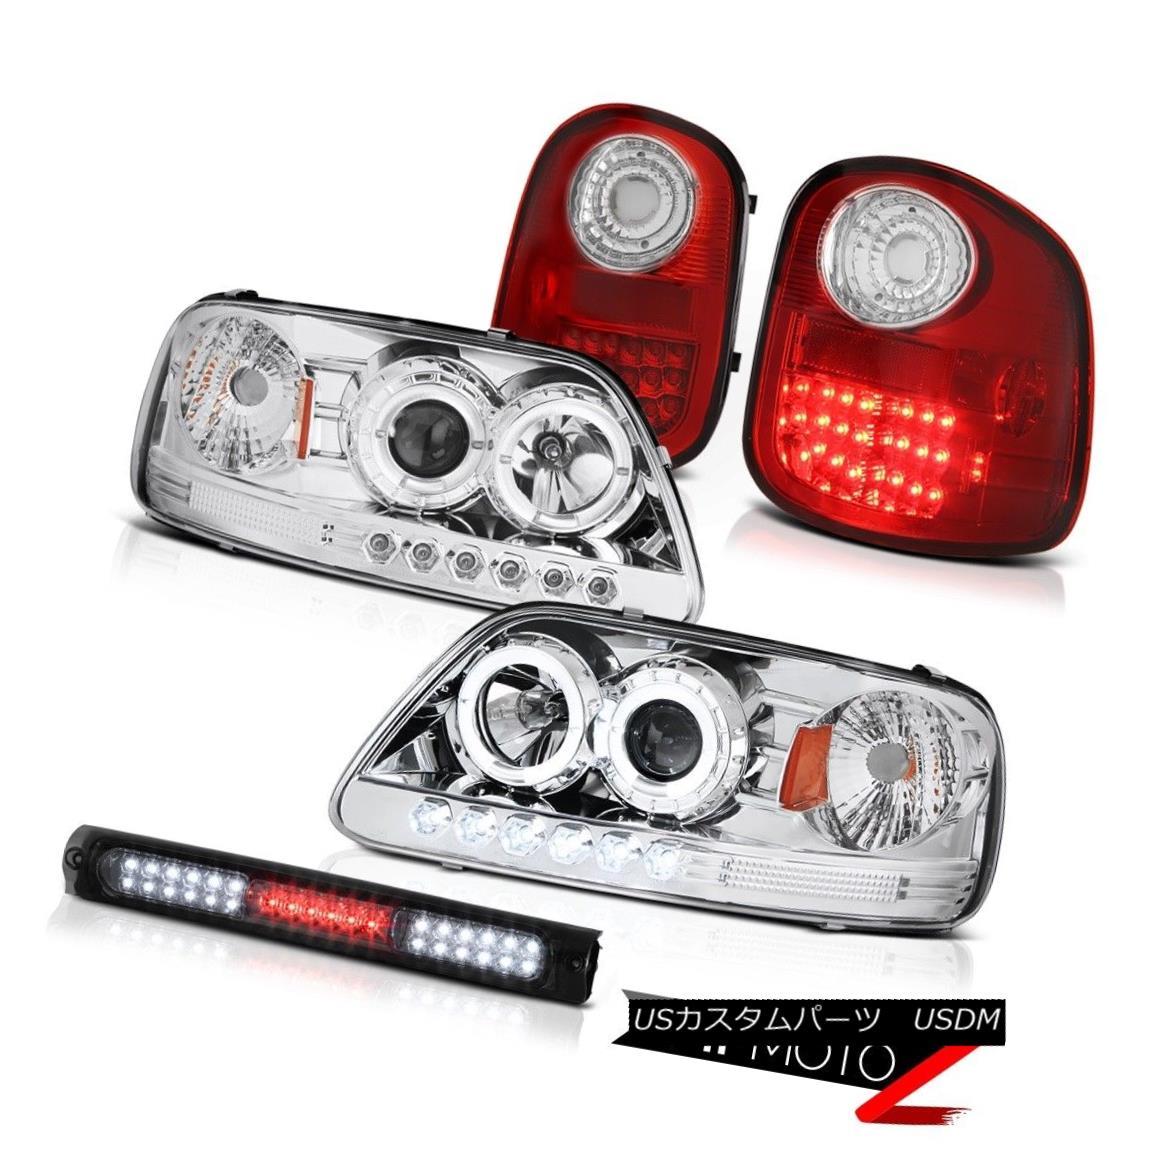 テールライト 2X Angel Eye Headlights LED Taillights Stop 97-03 F150 Flareside Harley Davidson 2XエンジェルアイヘッドライトLEDテールライトストップ97-03 F150 Flaresideハーレーダビッドソン